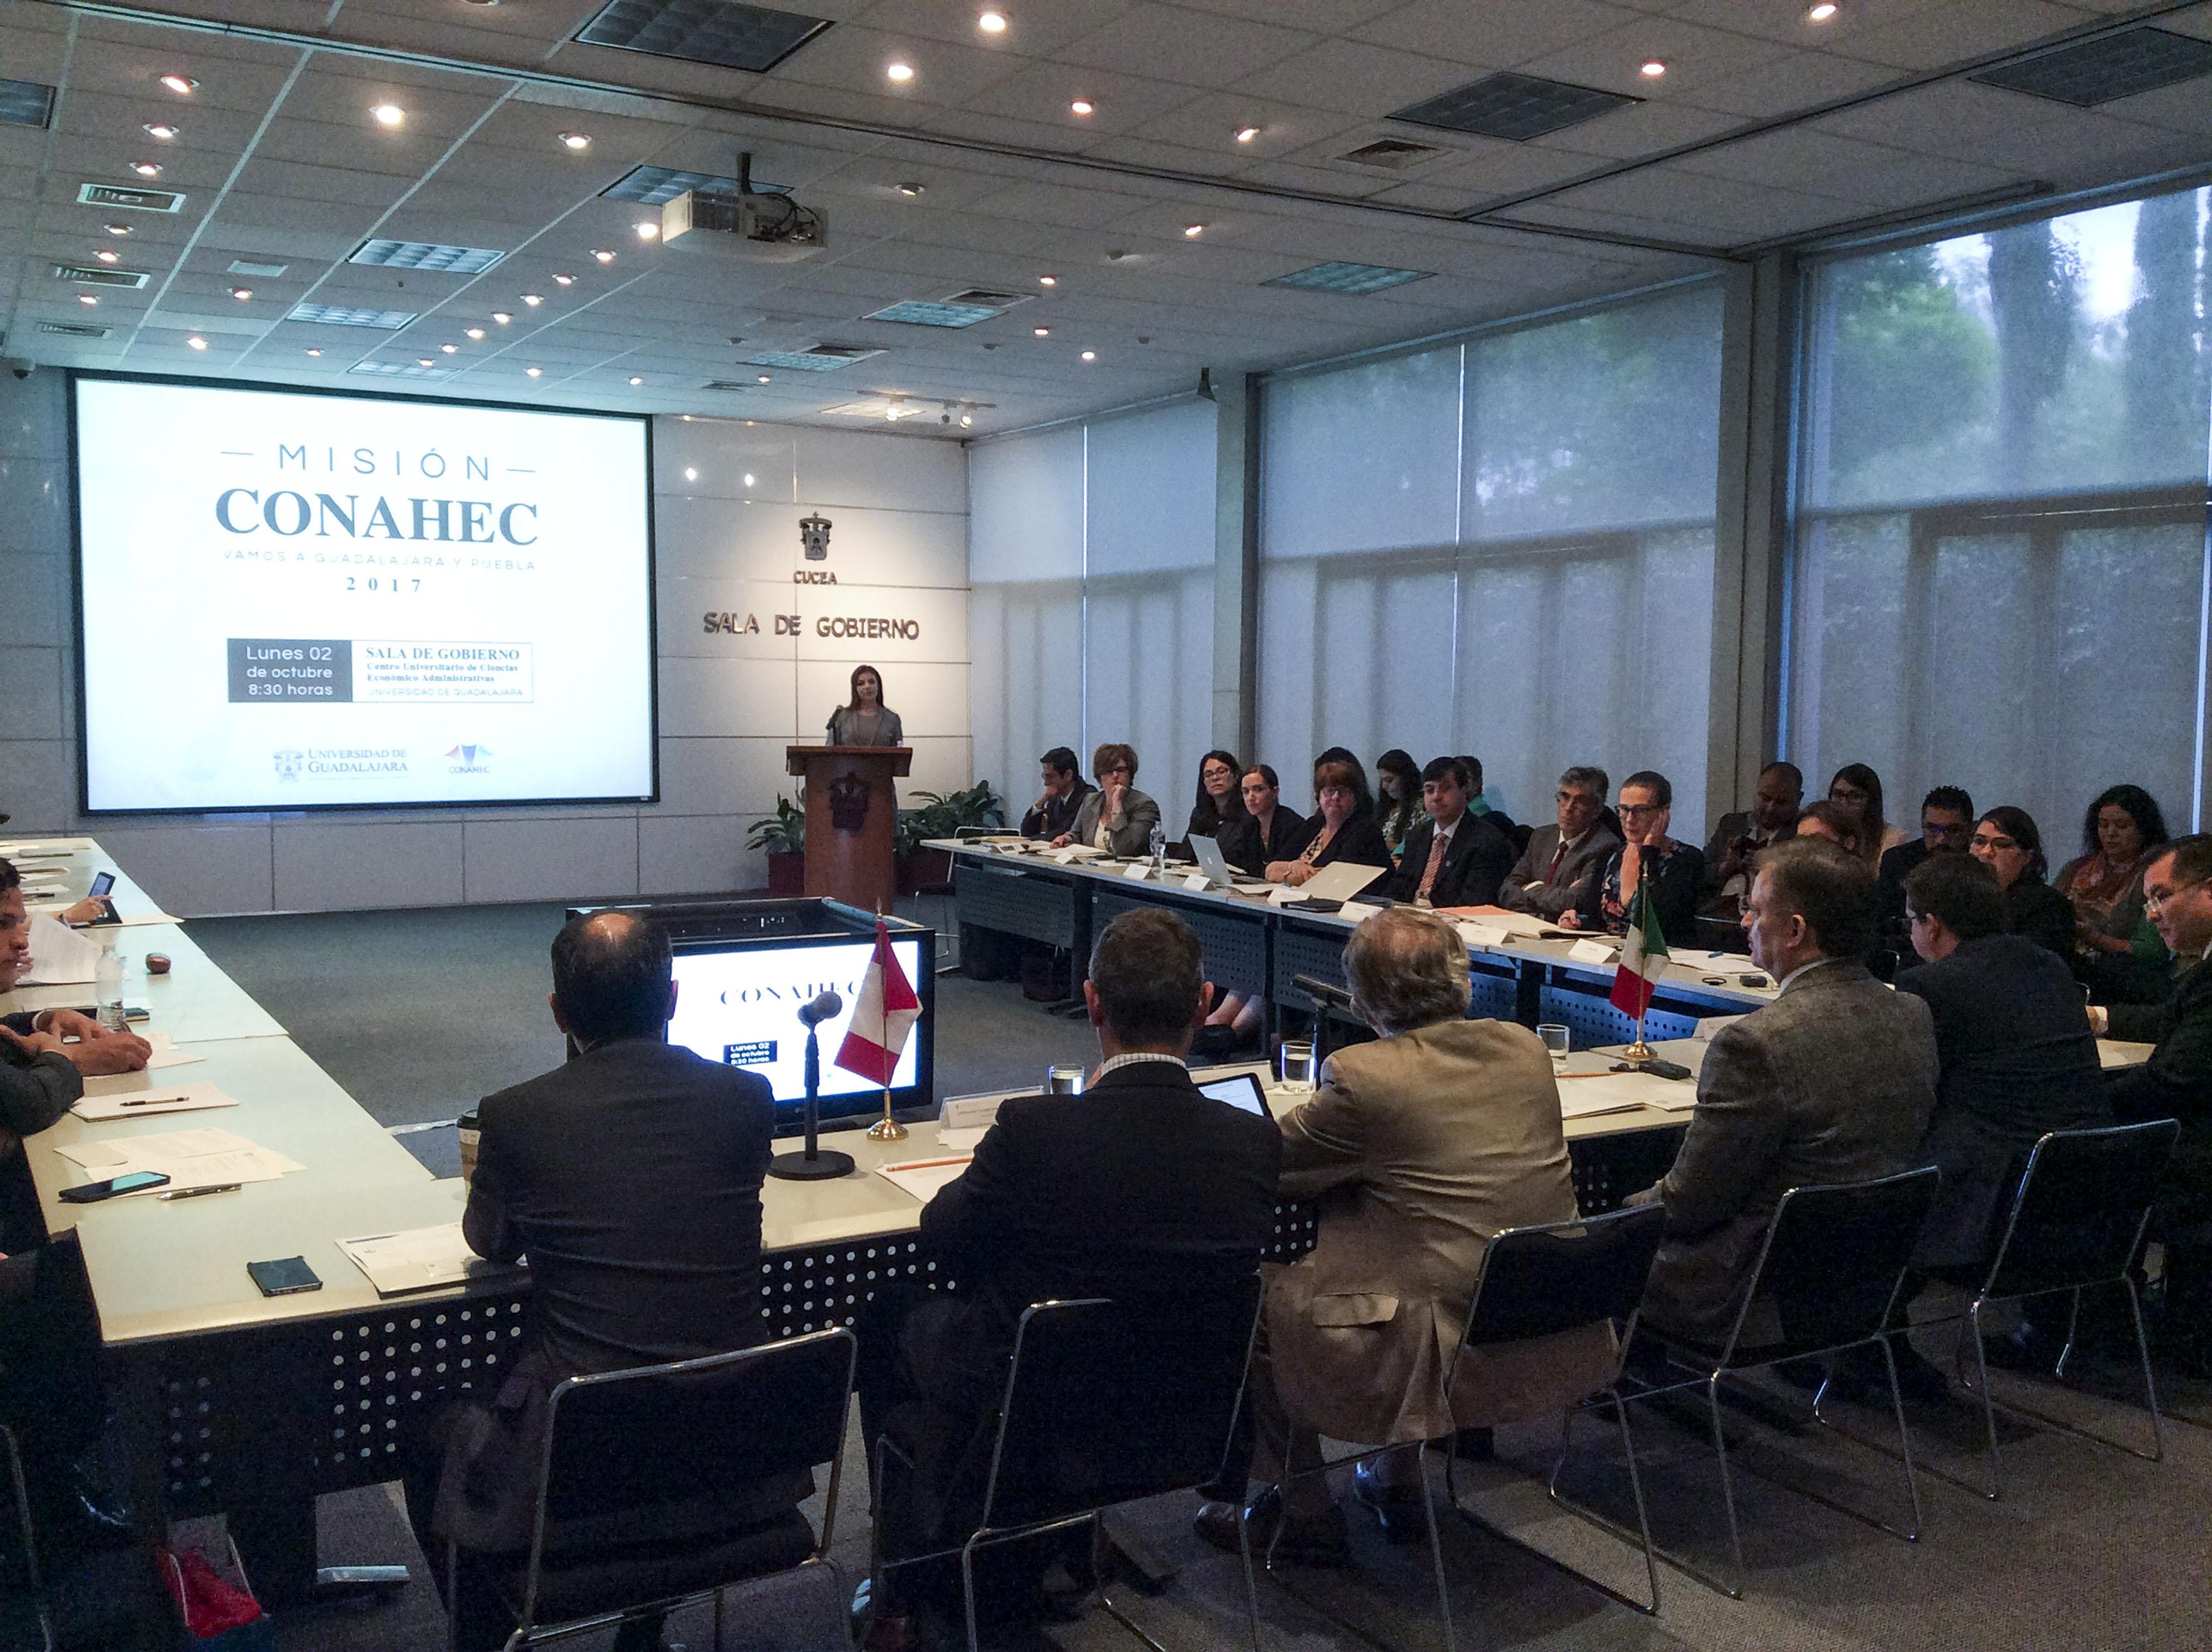 Universidades de Canadá y Jalisco, se reunieron en el Centro Universitario de Ciencias Económico Administrativas (CUCEA) representantes de escuelas que conforman el Consortium for North American Higher Education Collaboration (Conahec), con autoridades de la Universidad de Guadalajara (UdeG) y otras instituciones educativas de Jalisco.